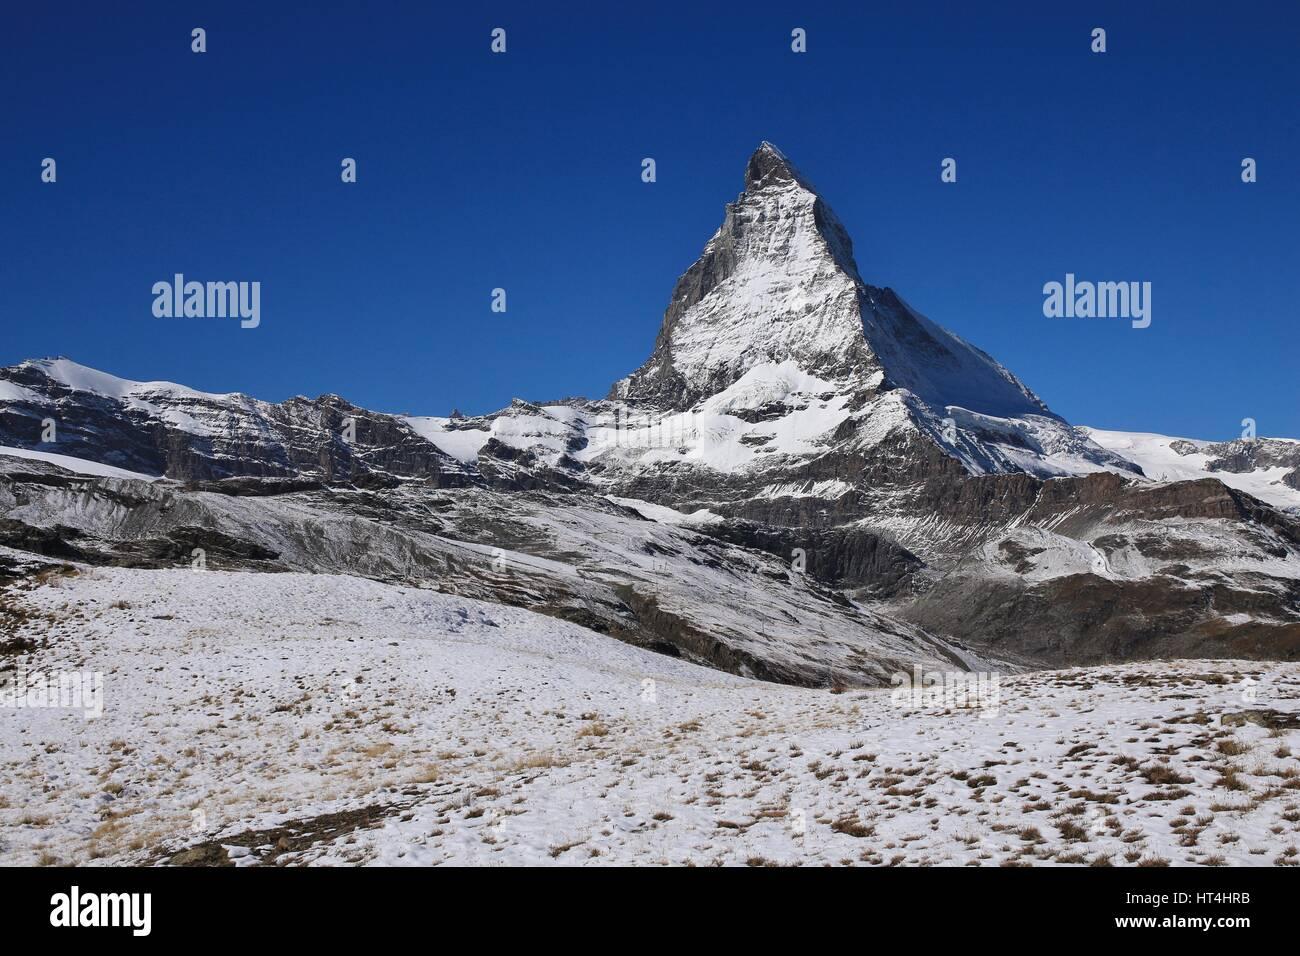 Matterhorn coperte da neve fresca. Autunno in scena a Zermatt. Immagini Stock